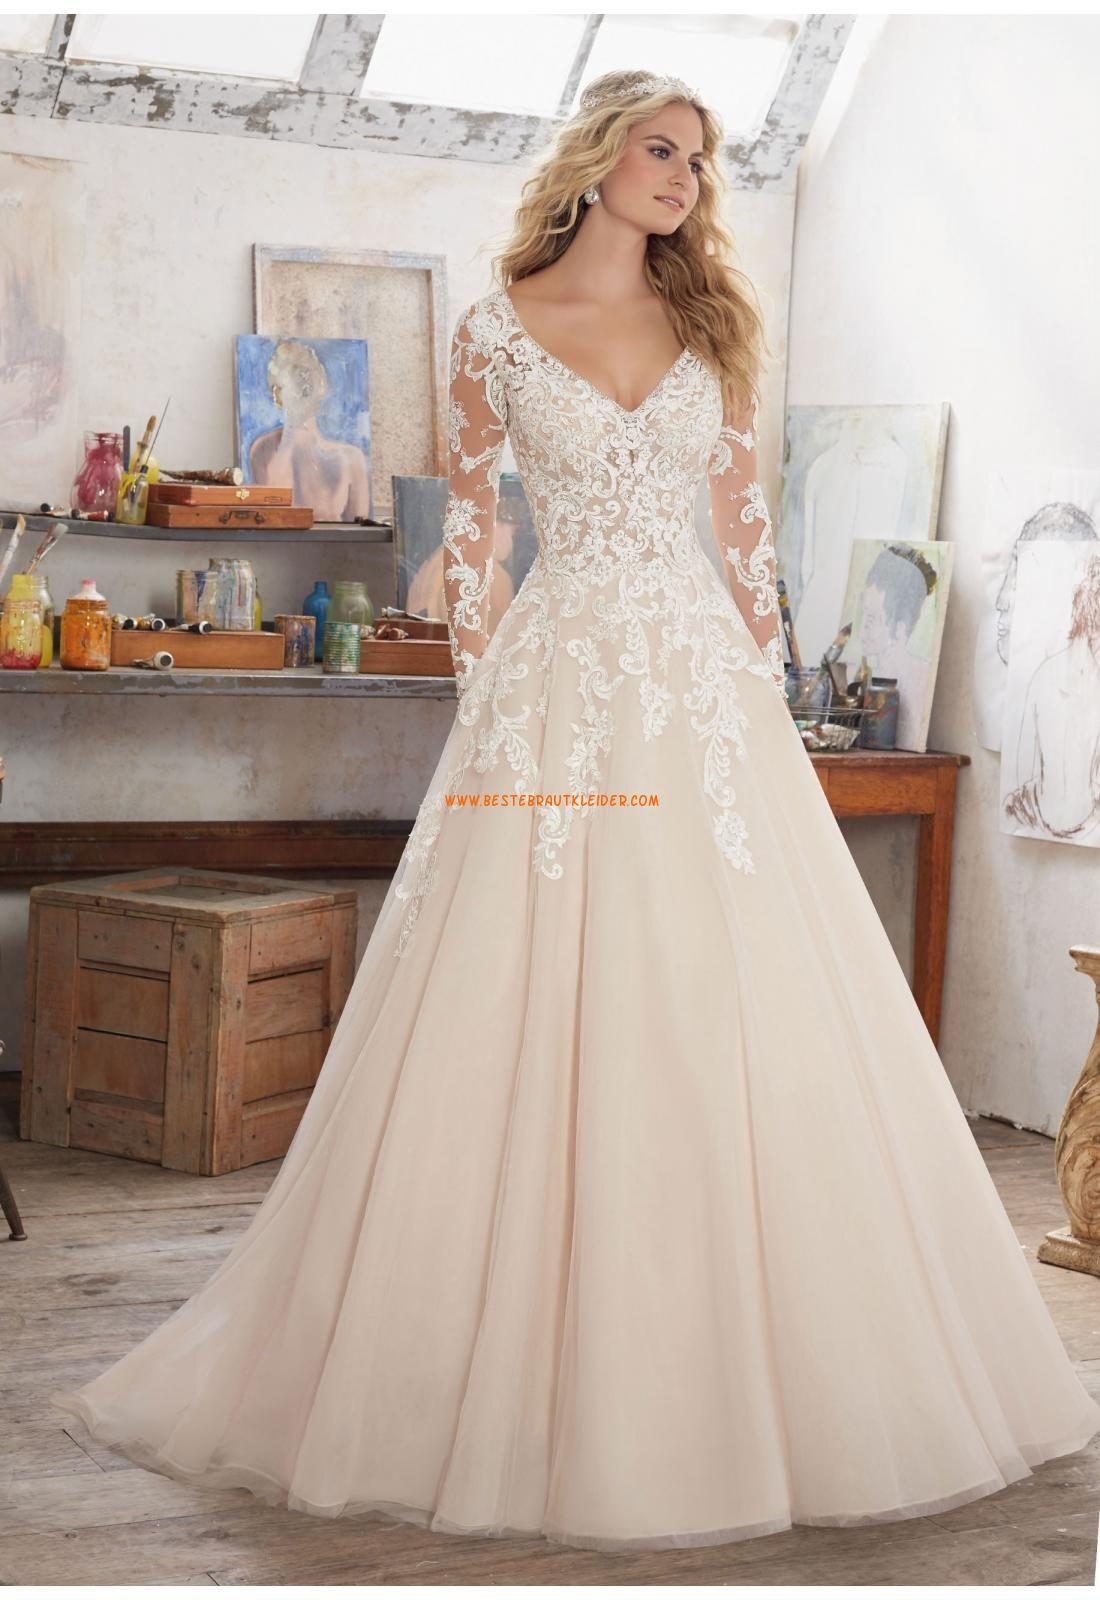 A-linie Traumhafte Außergewöhnliche Brautkleider aus Organza mit